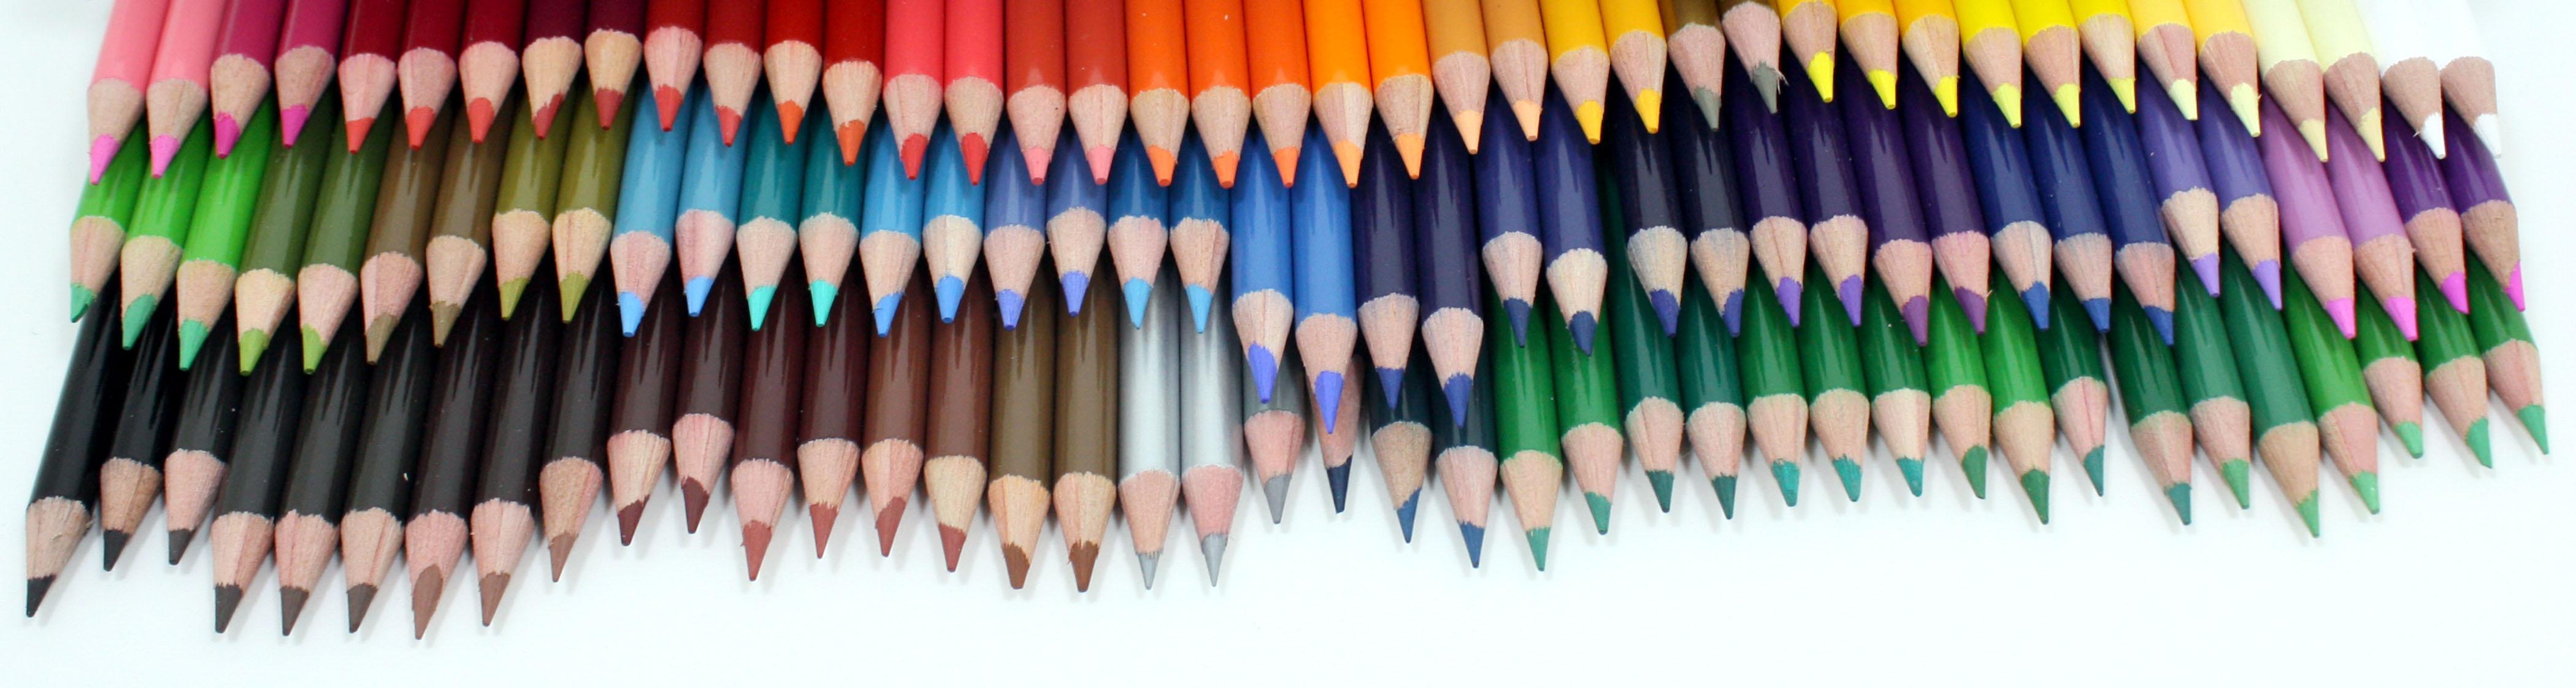 Color art colored pencils - View Larger